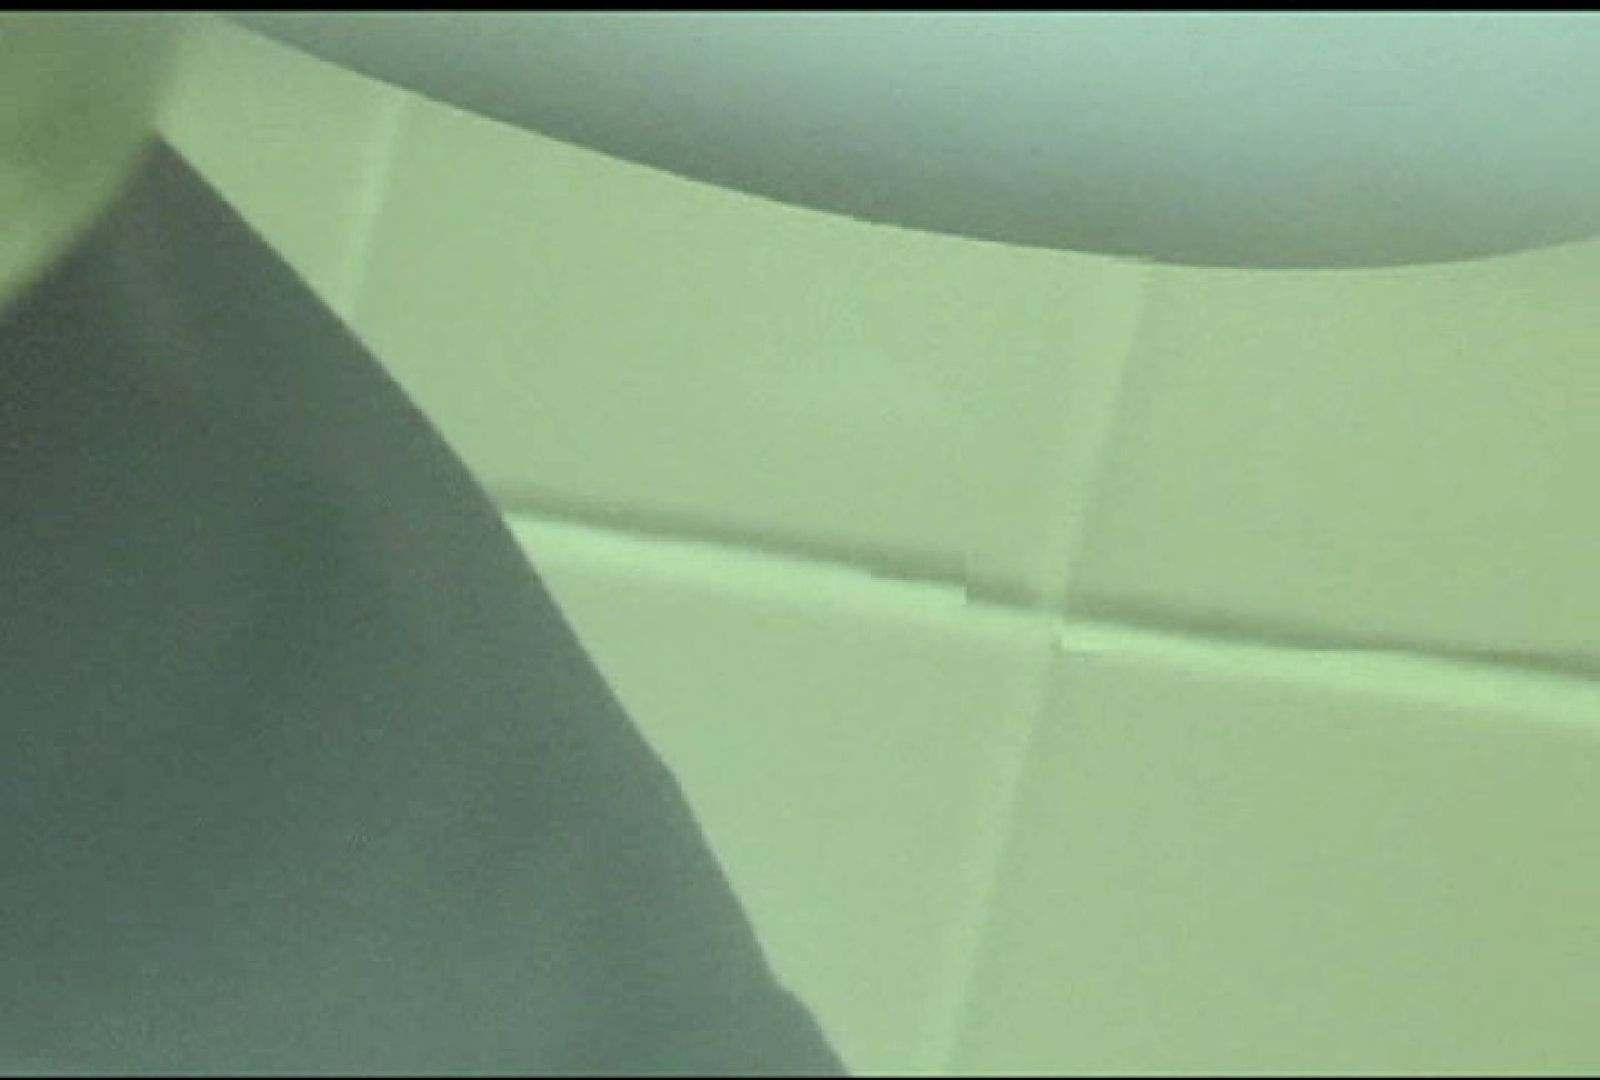 マンコ丸見え女子洗面所Vol.48 OLの実態 覗きオメコ動画キャプチャ 75pic 2